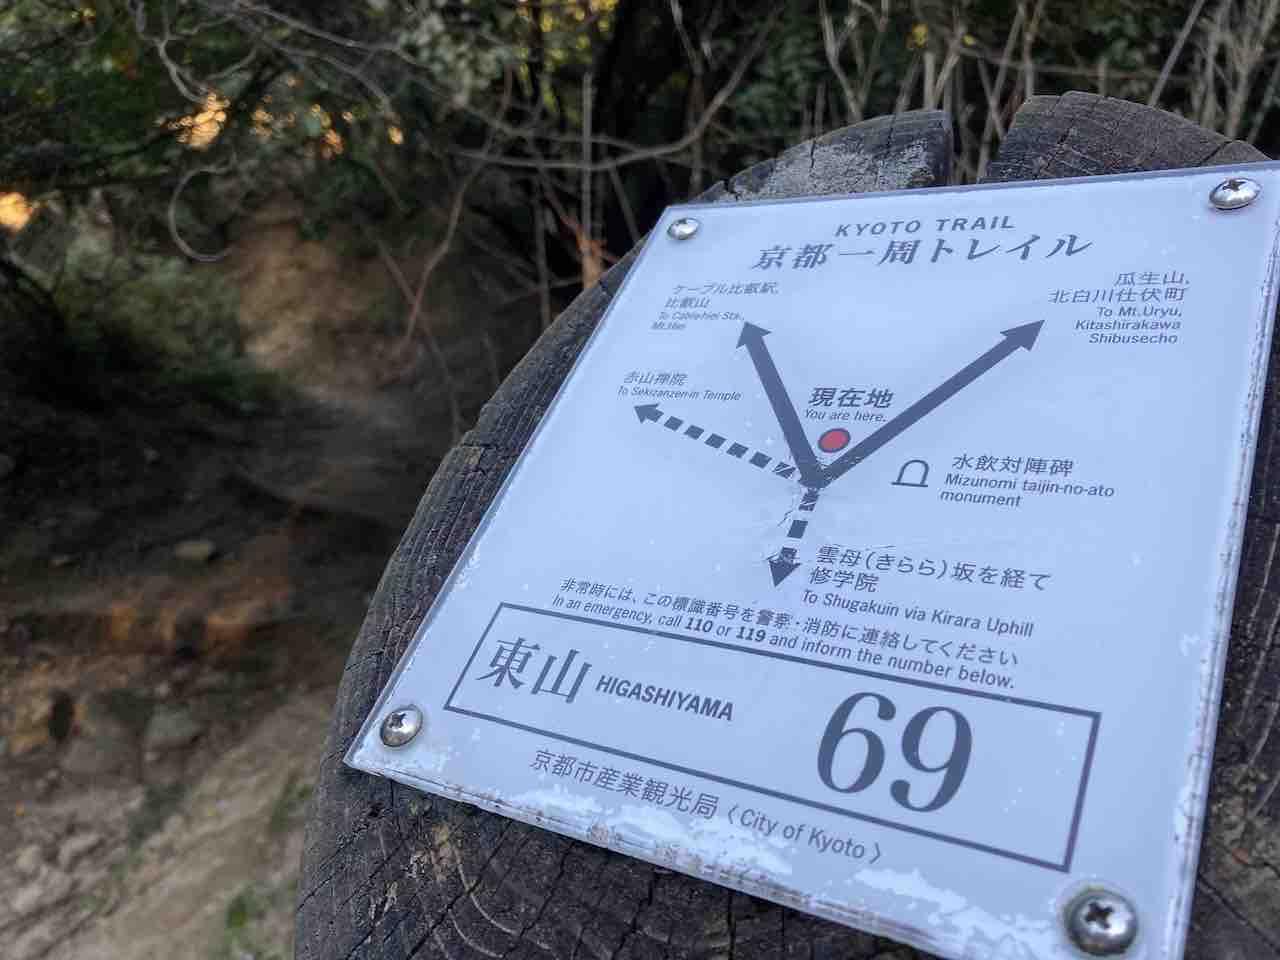 京都一周トレイル 比叡山エリア